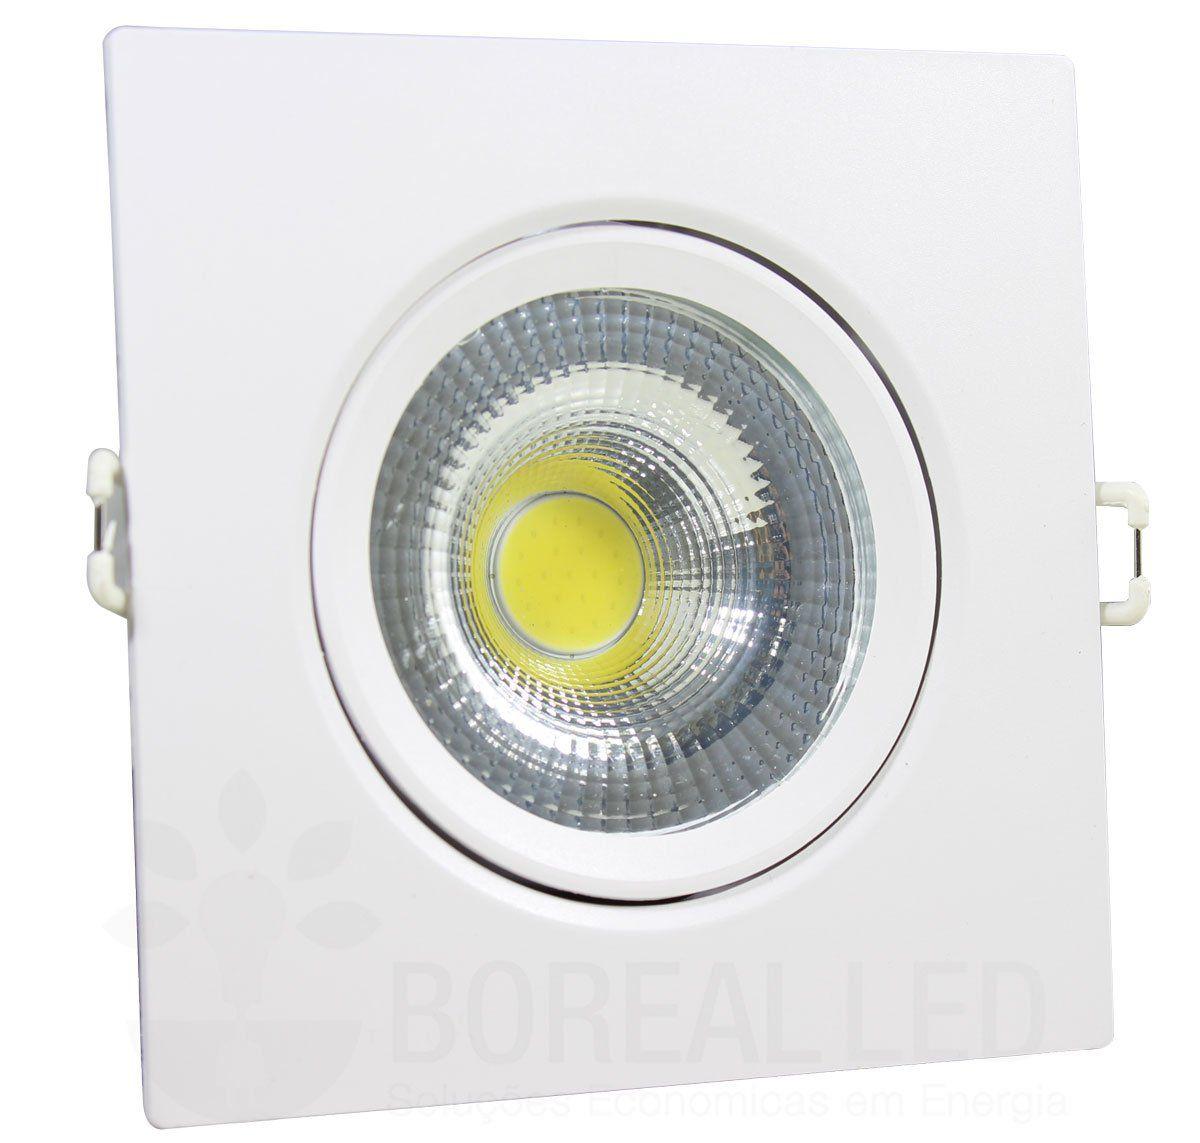 Spot LED 7w Cob Quadrado Branco Frio Embutir Direcionável Branco Frio